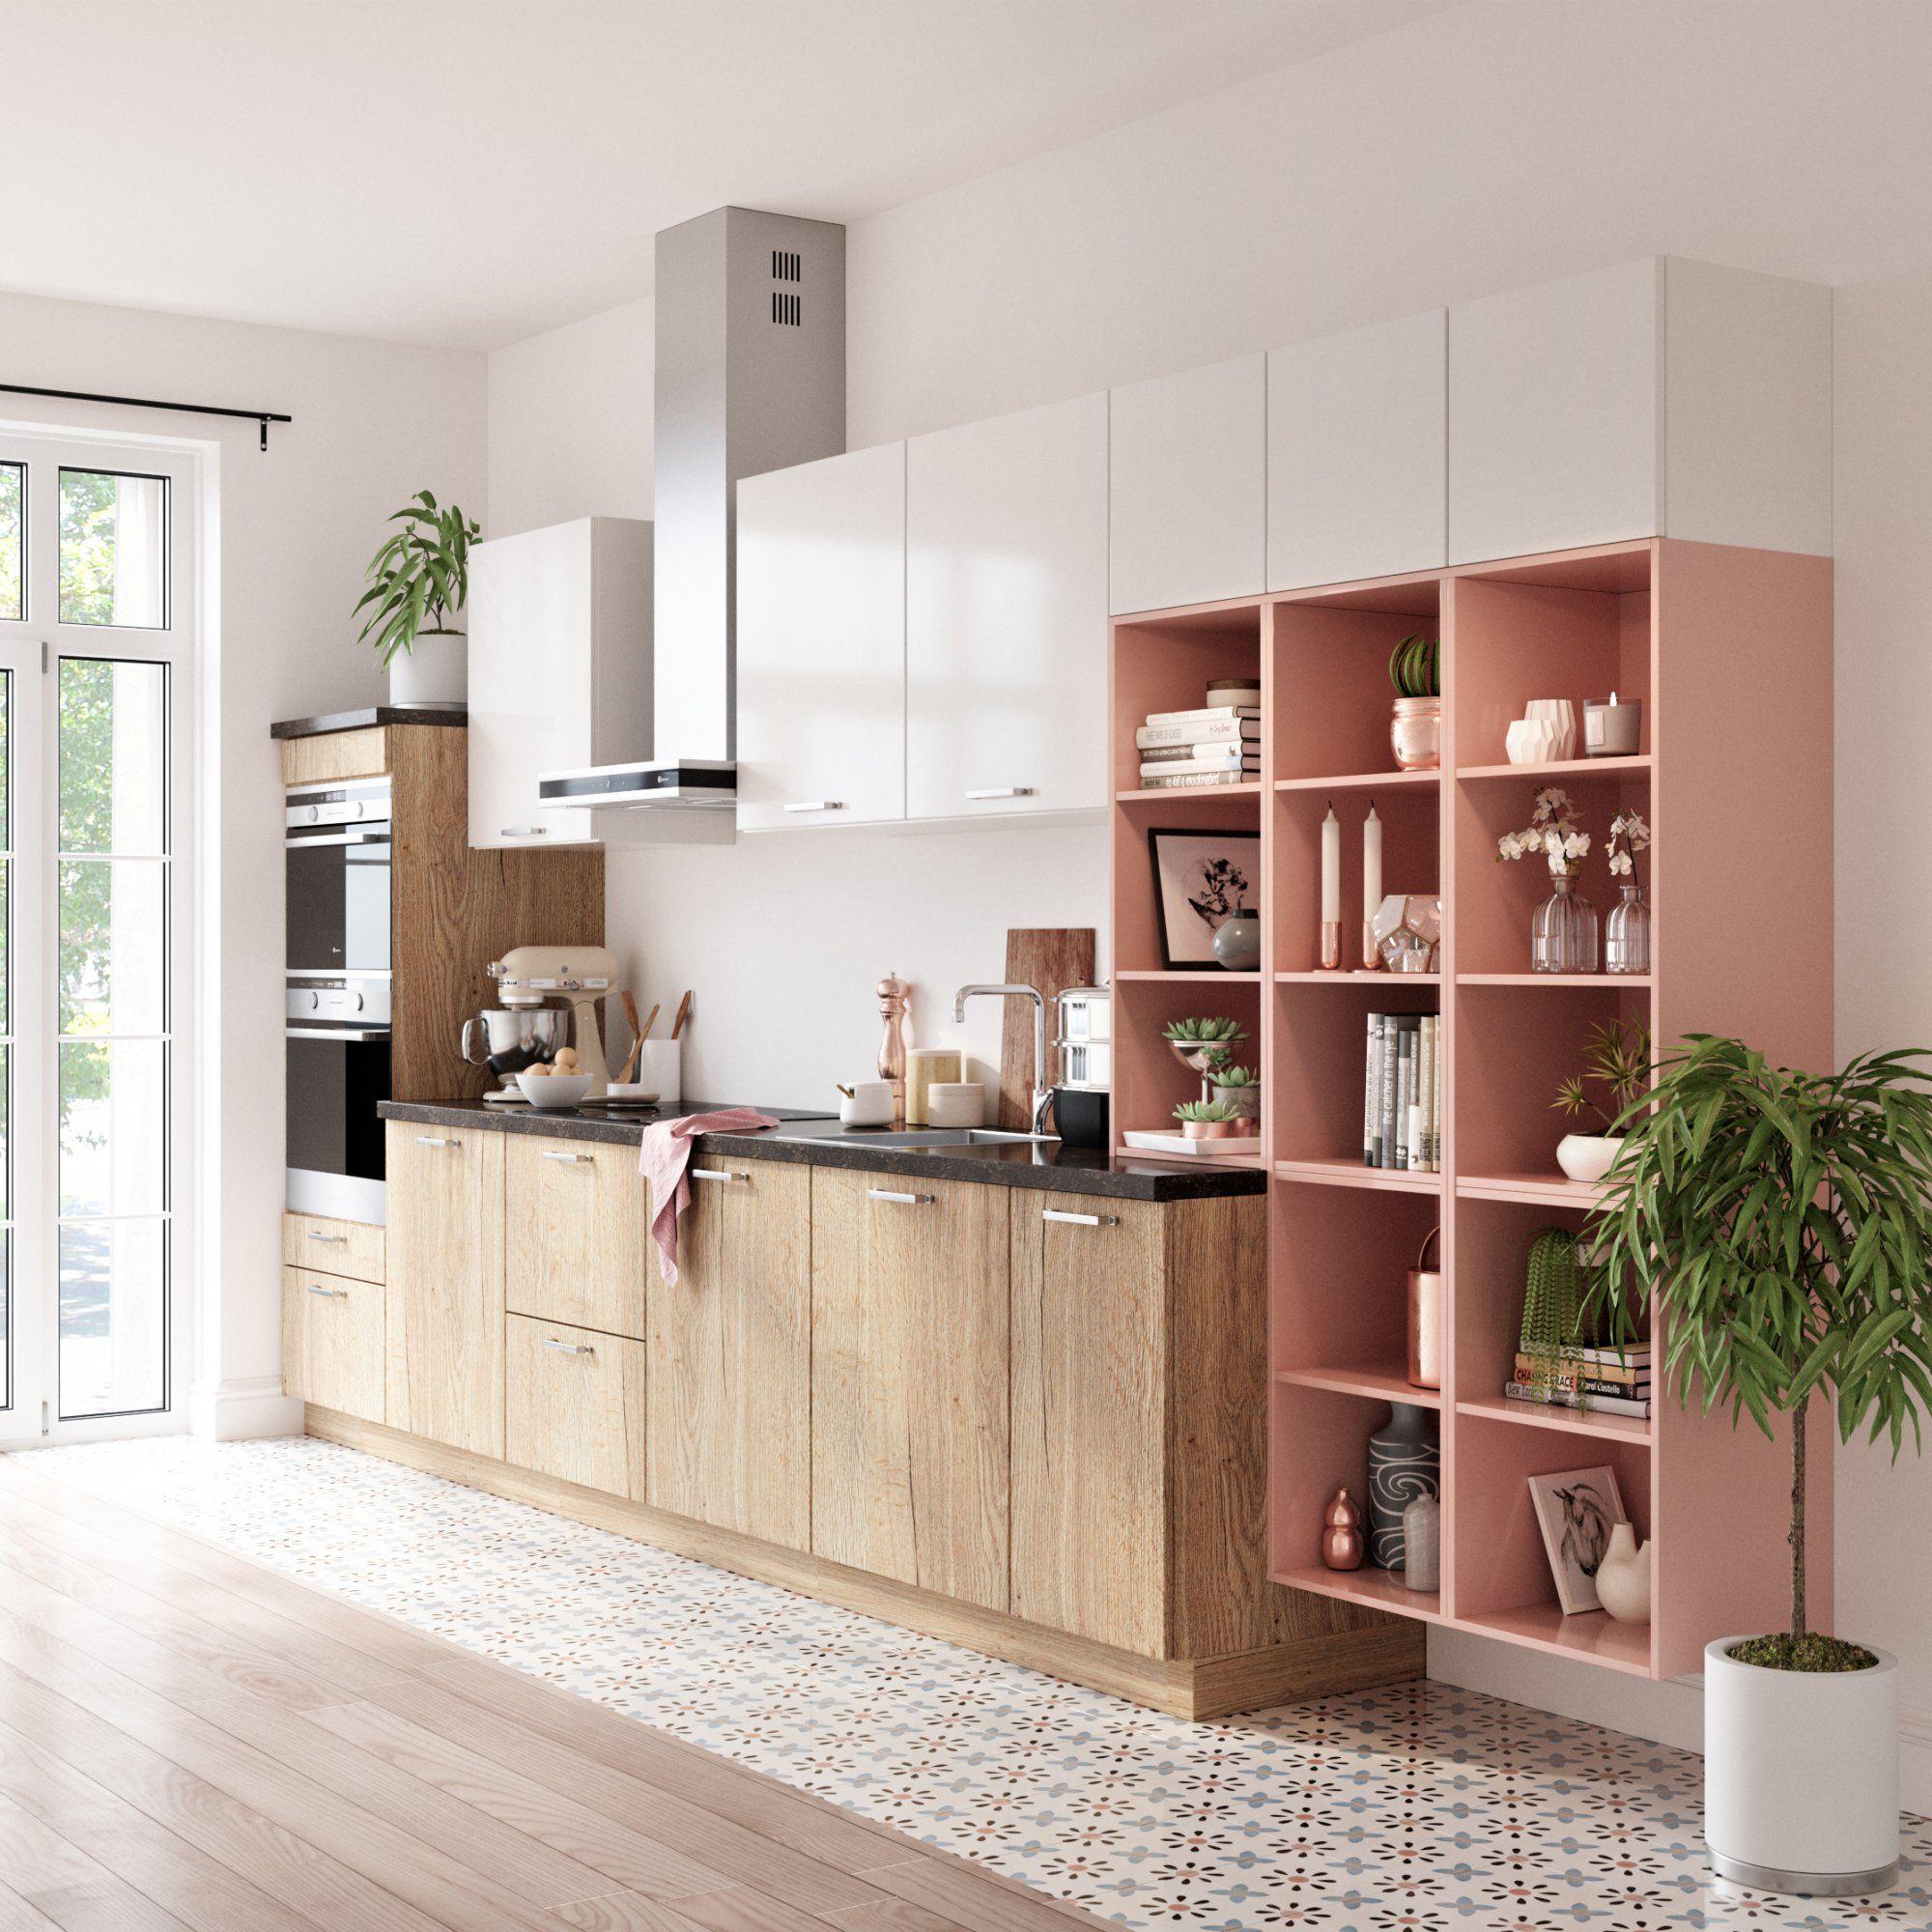 Cuisine Ouvertes Avec Des Meubles Bas En Bois Clair Des - But meuble bas cuisine pour idees de deco de cuisine